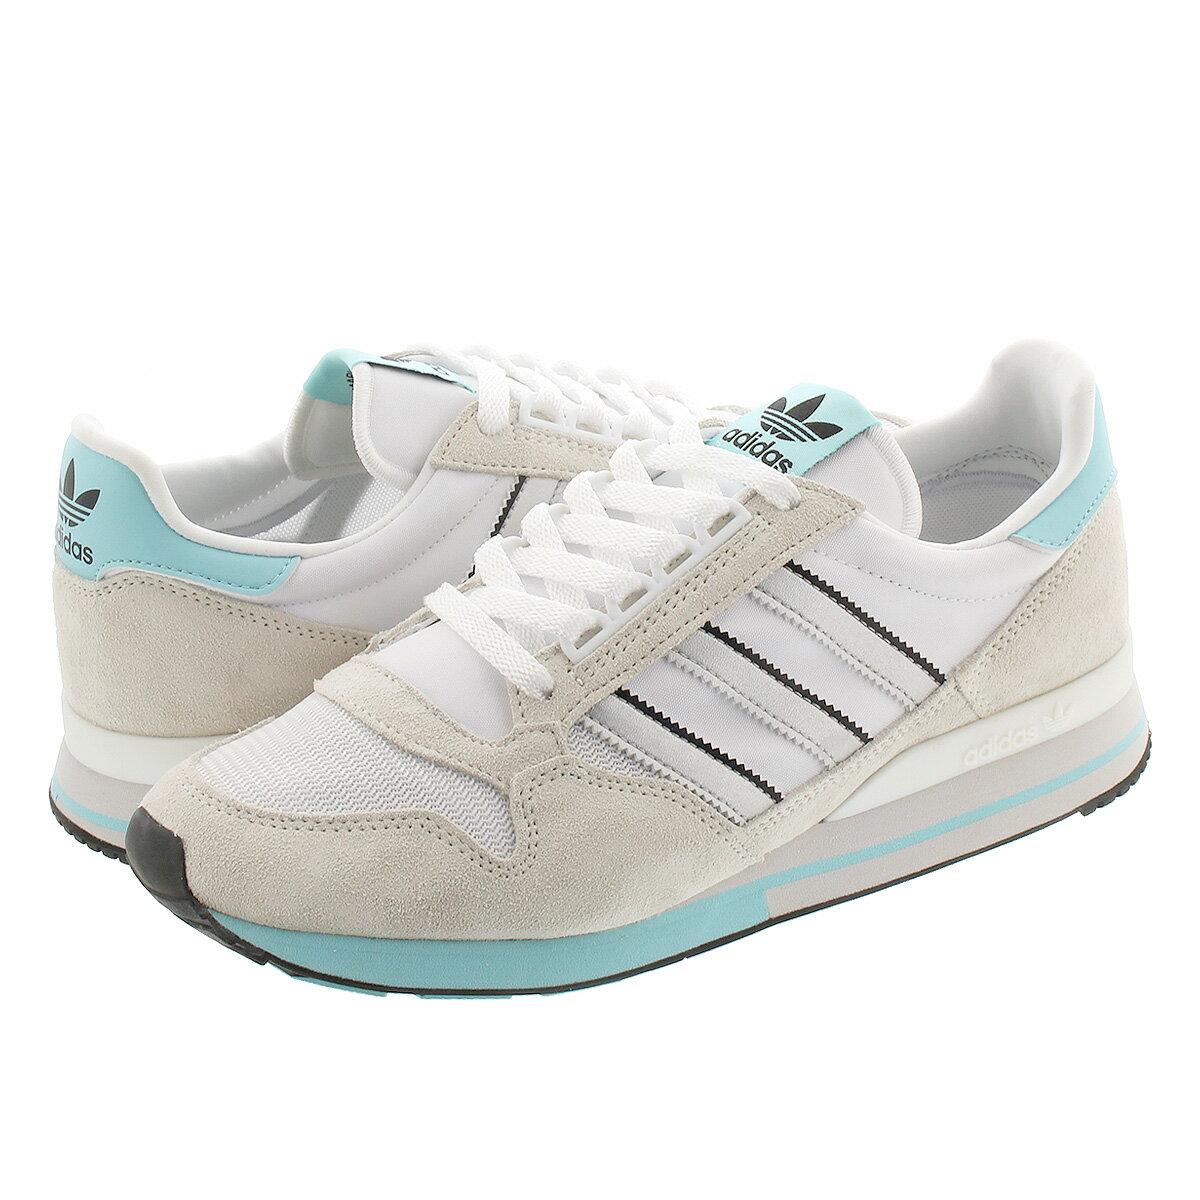 メンズ靴, スニーカー  adidas ZX 500 500 OFF WHITESILVER METALLICFTWR WHITE fw2813